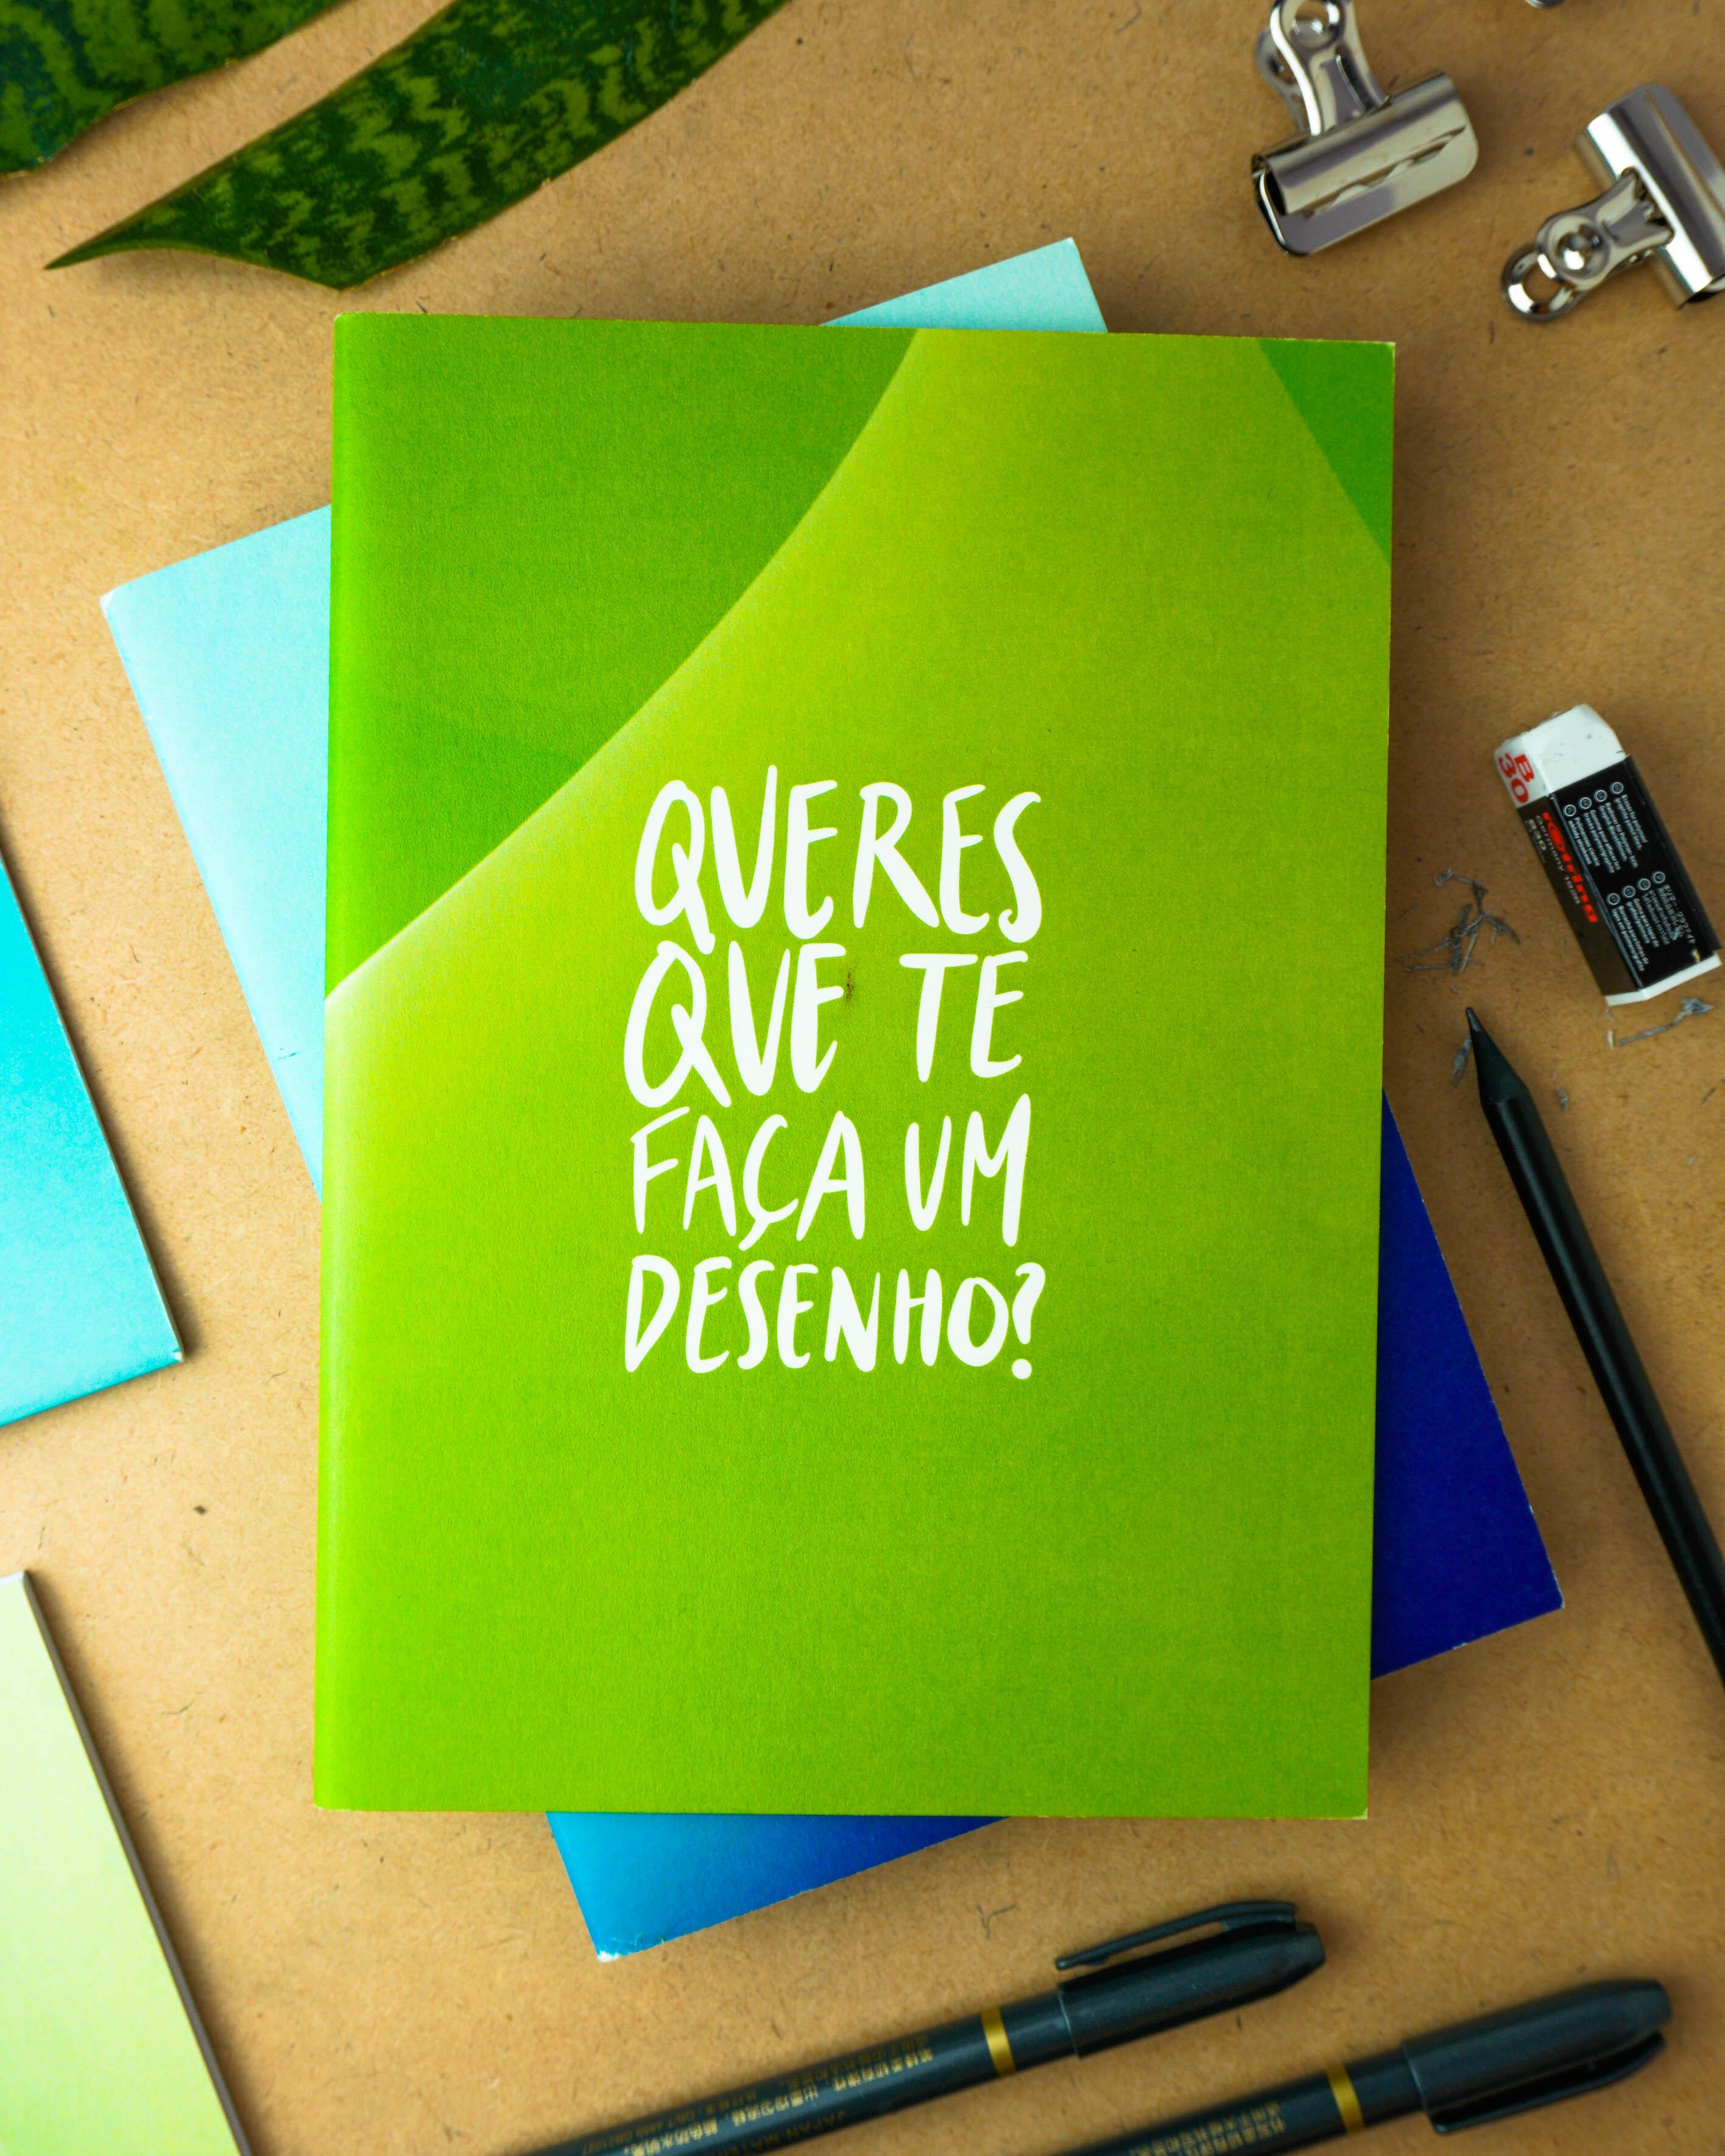 Queres que te faça um desenho? - The Ironic Notebook